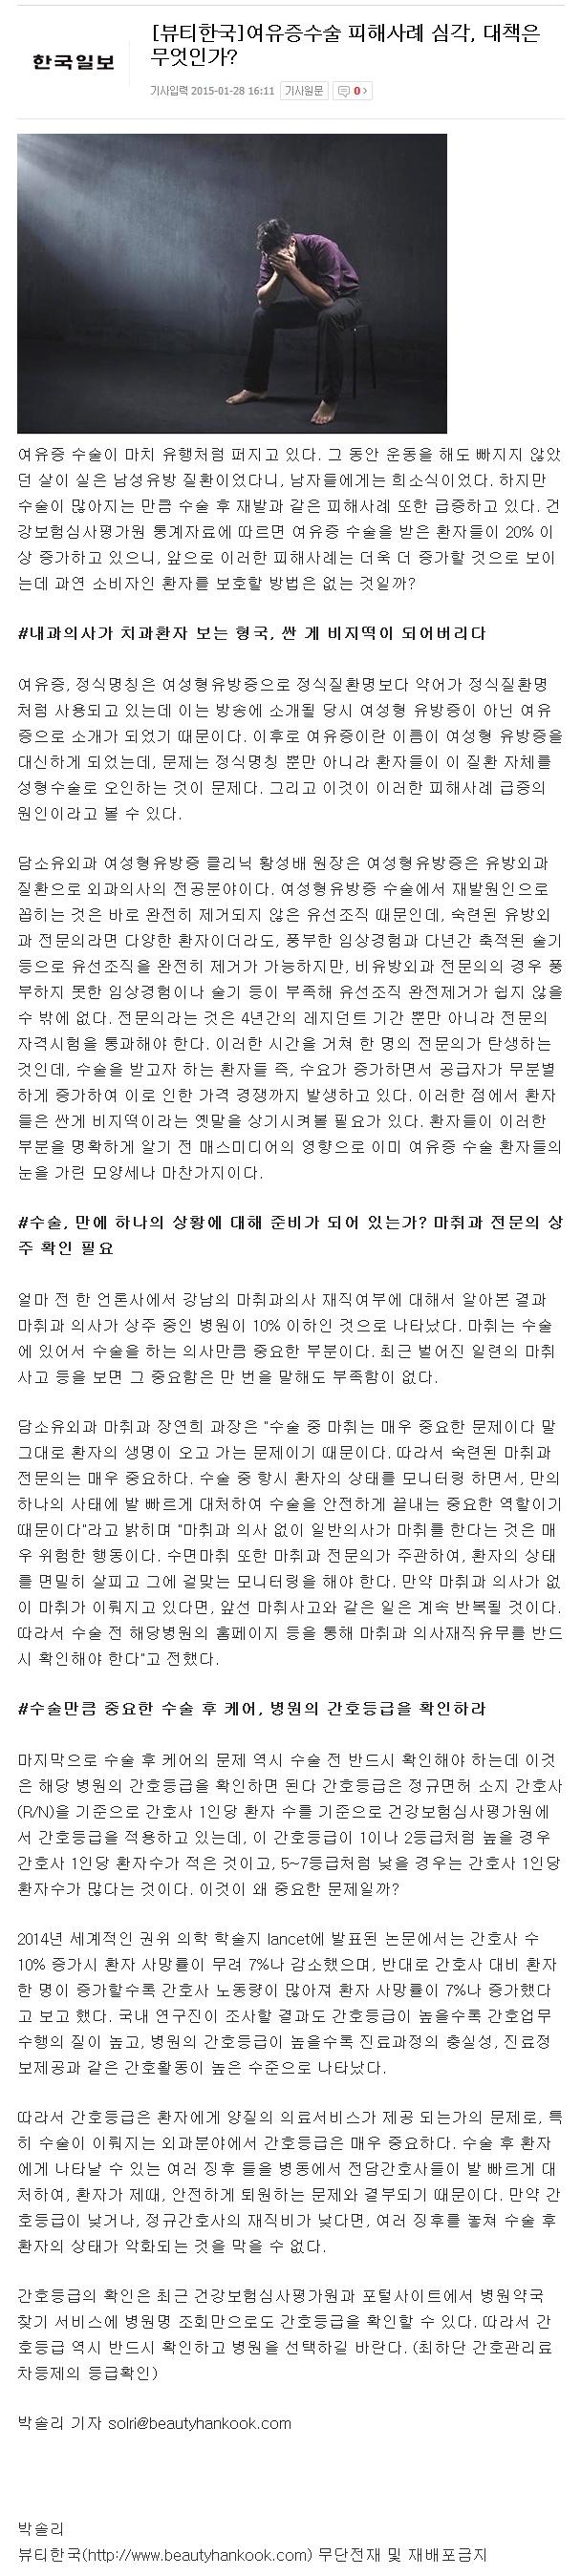 0128 한국일보 여유증 황성배.jpg